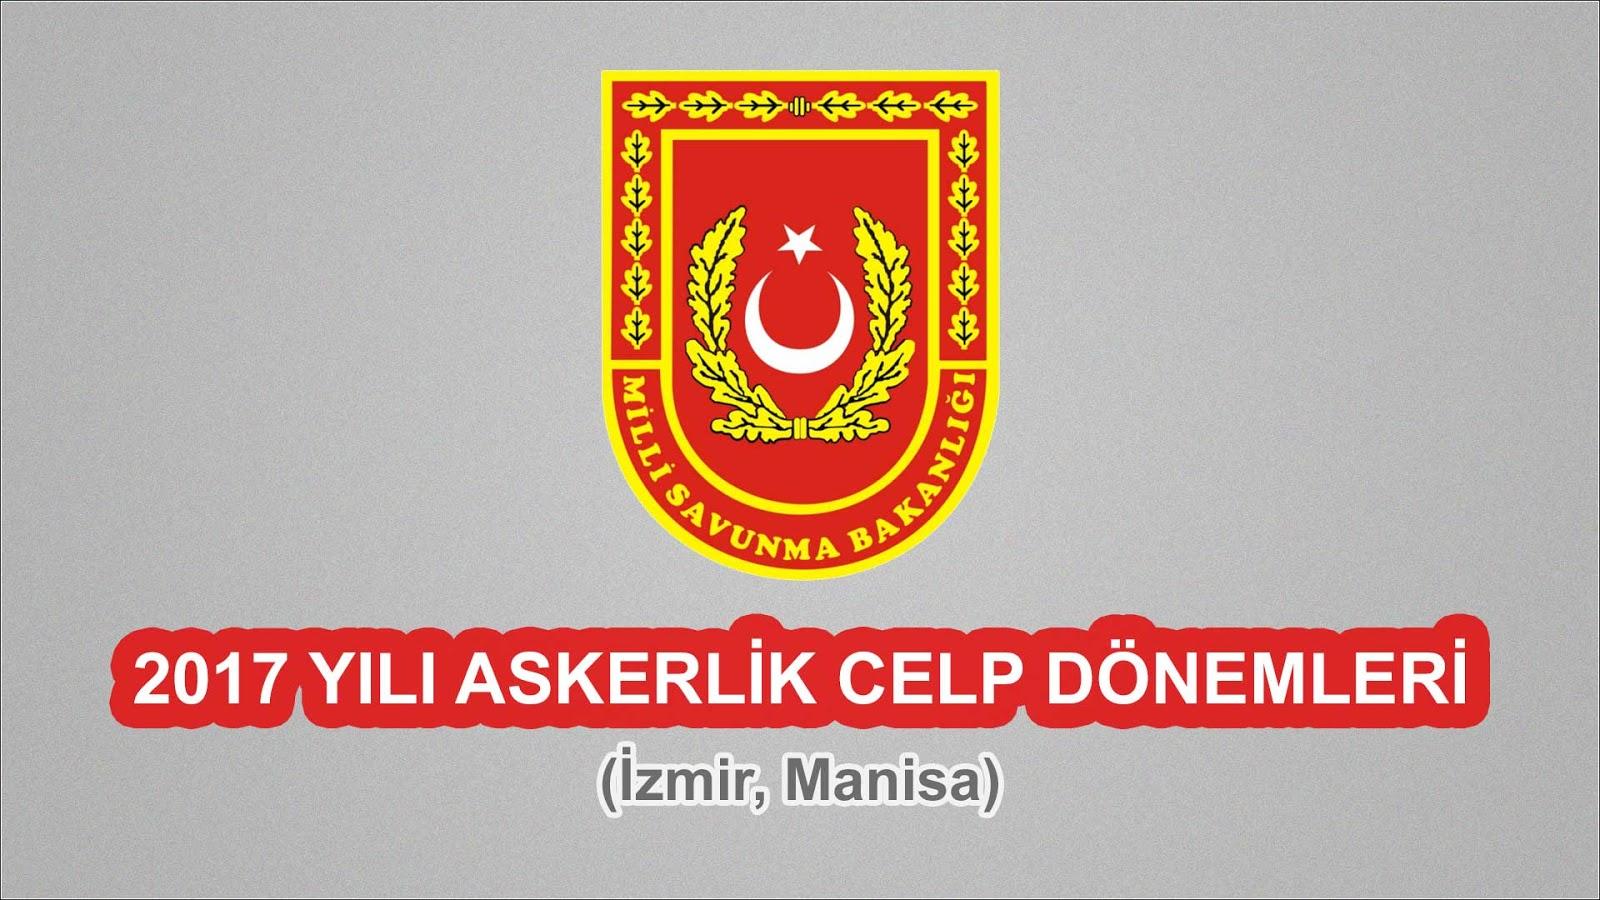 2017 Yılı İzmir, Manisa Askerlik Celp Dönemleri